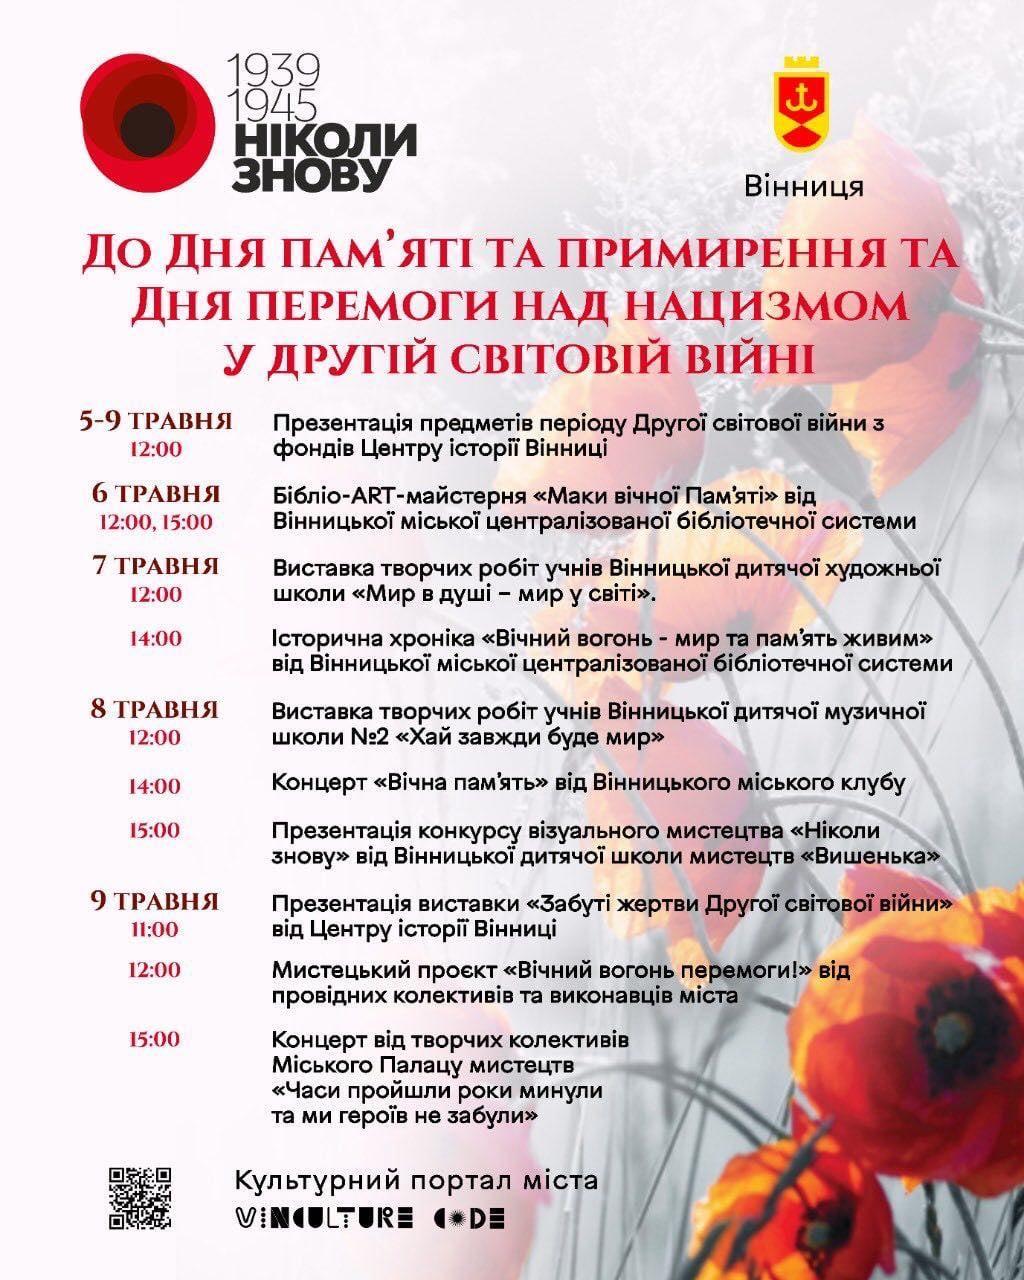 У Вінниці напередодні 9 травня пройдуть мистецькі заходи та концерти